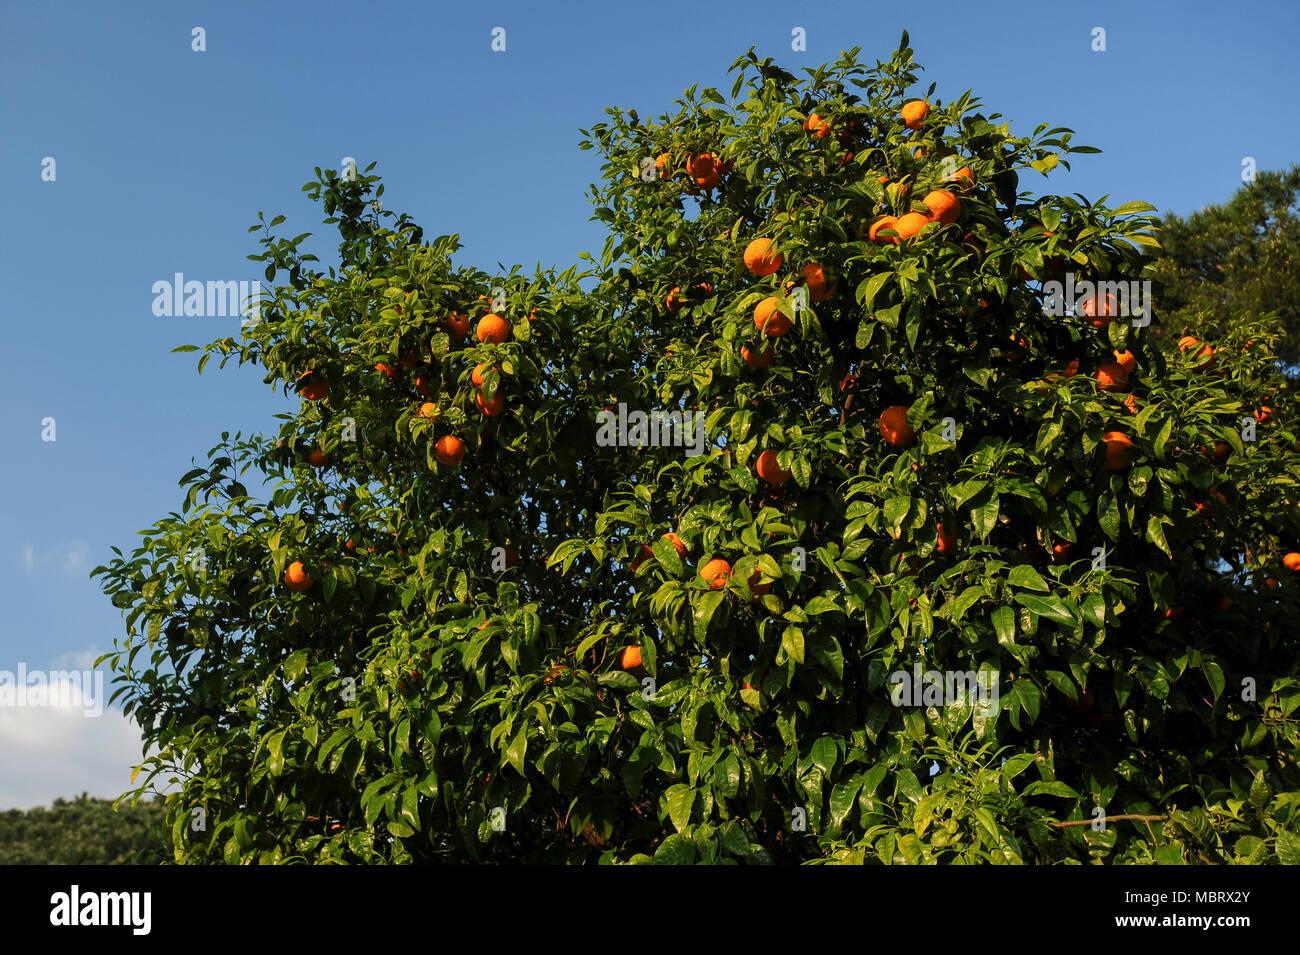 Arancio nel giardino degli aranci il giardino degli aranci sul colle aventino nel centro - Il giardino degli aranci frattamaggiore ...